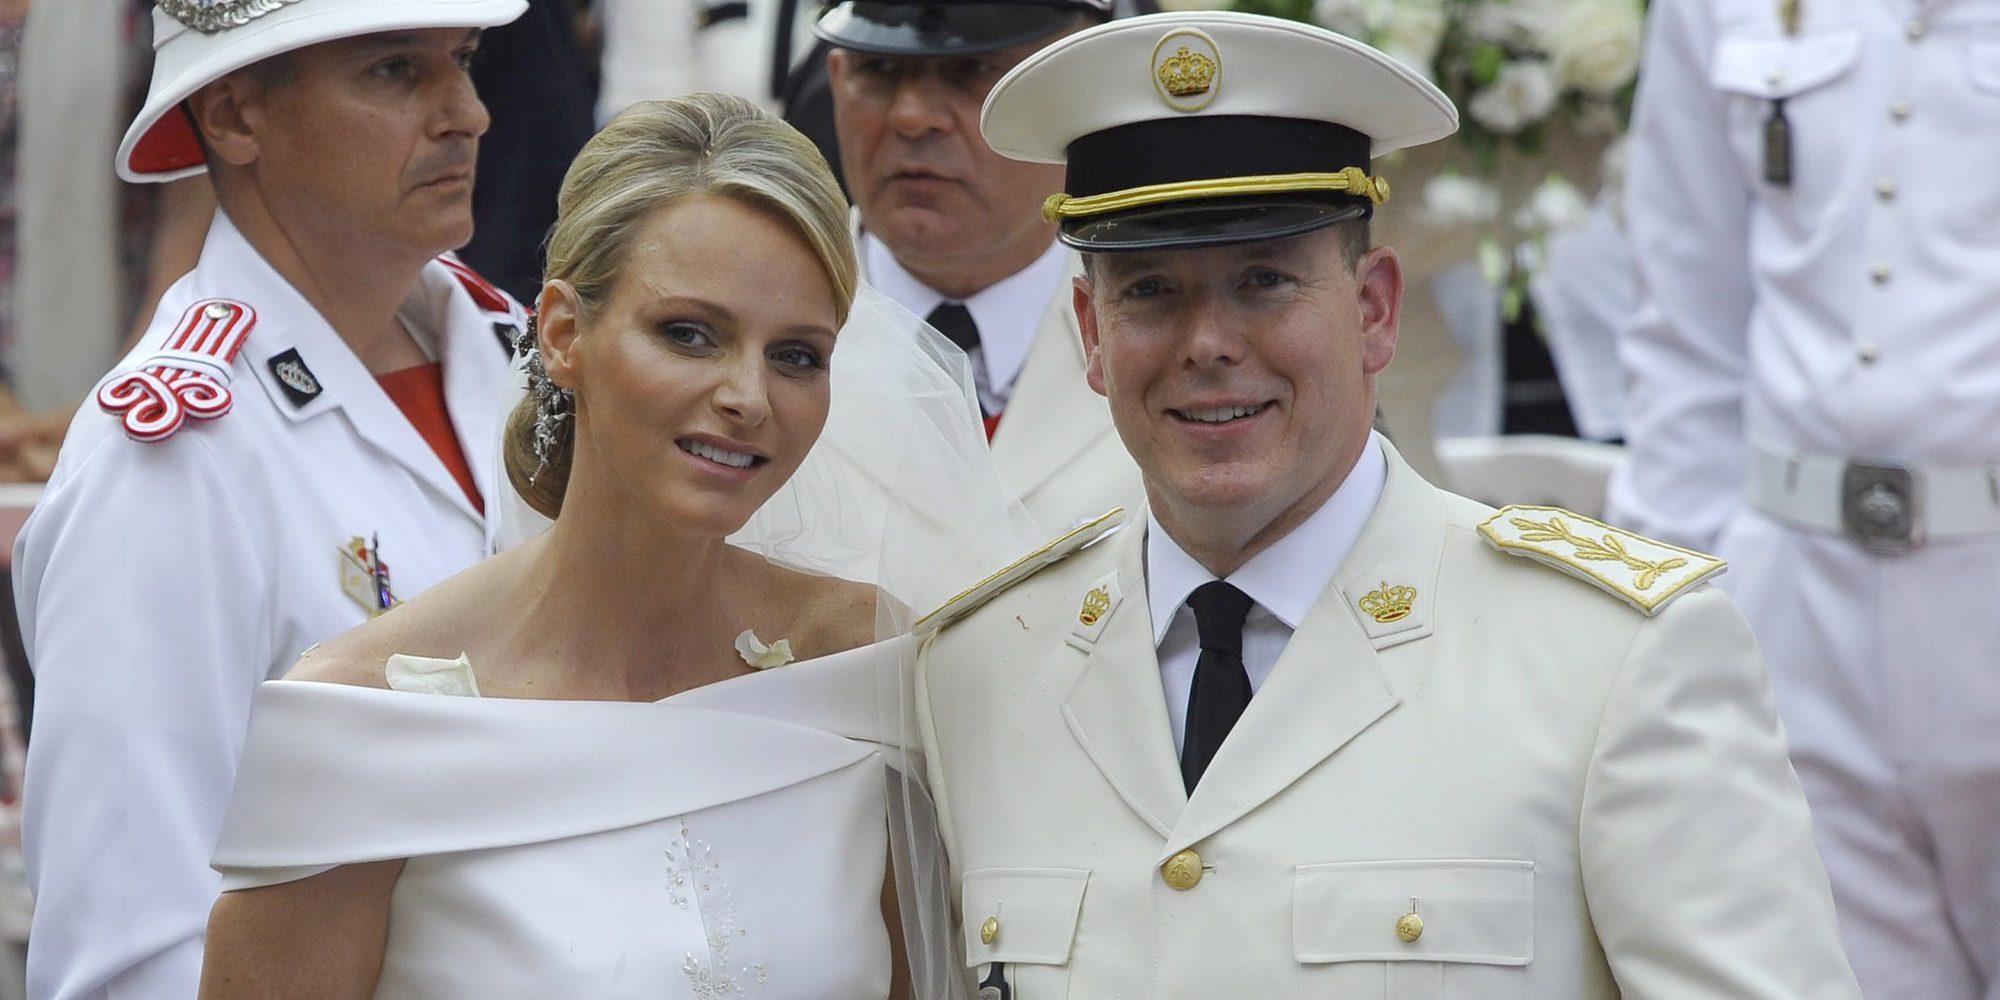 Los 5 años de matrimonio de Alberto y Charlene de Mónaco en 4 escándalos y una doble alegría